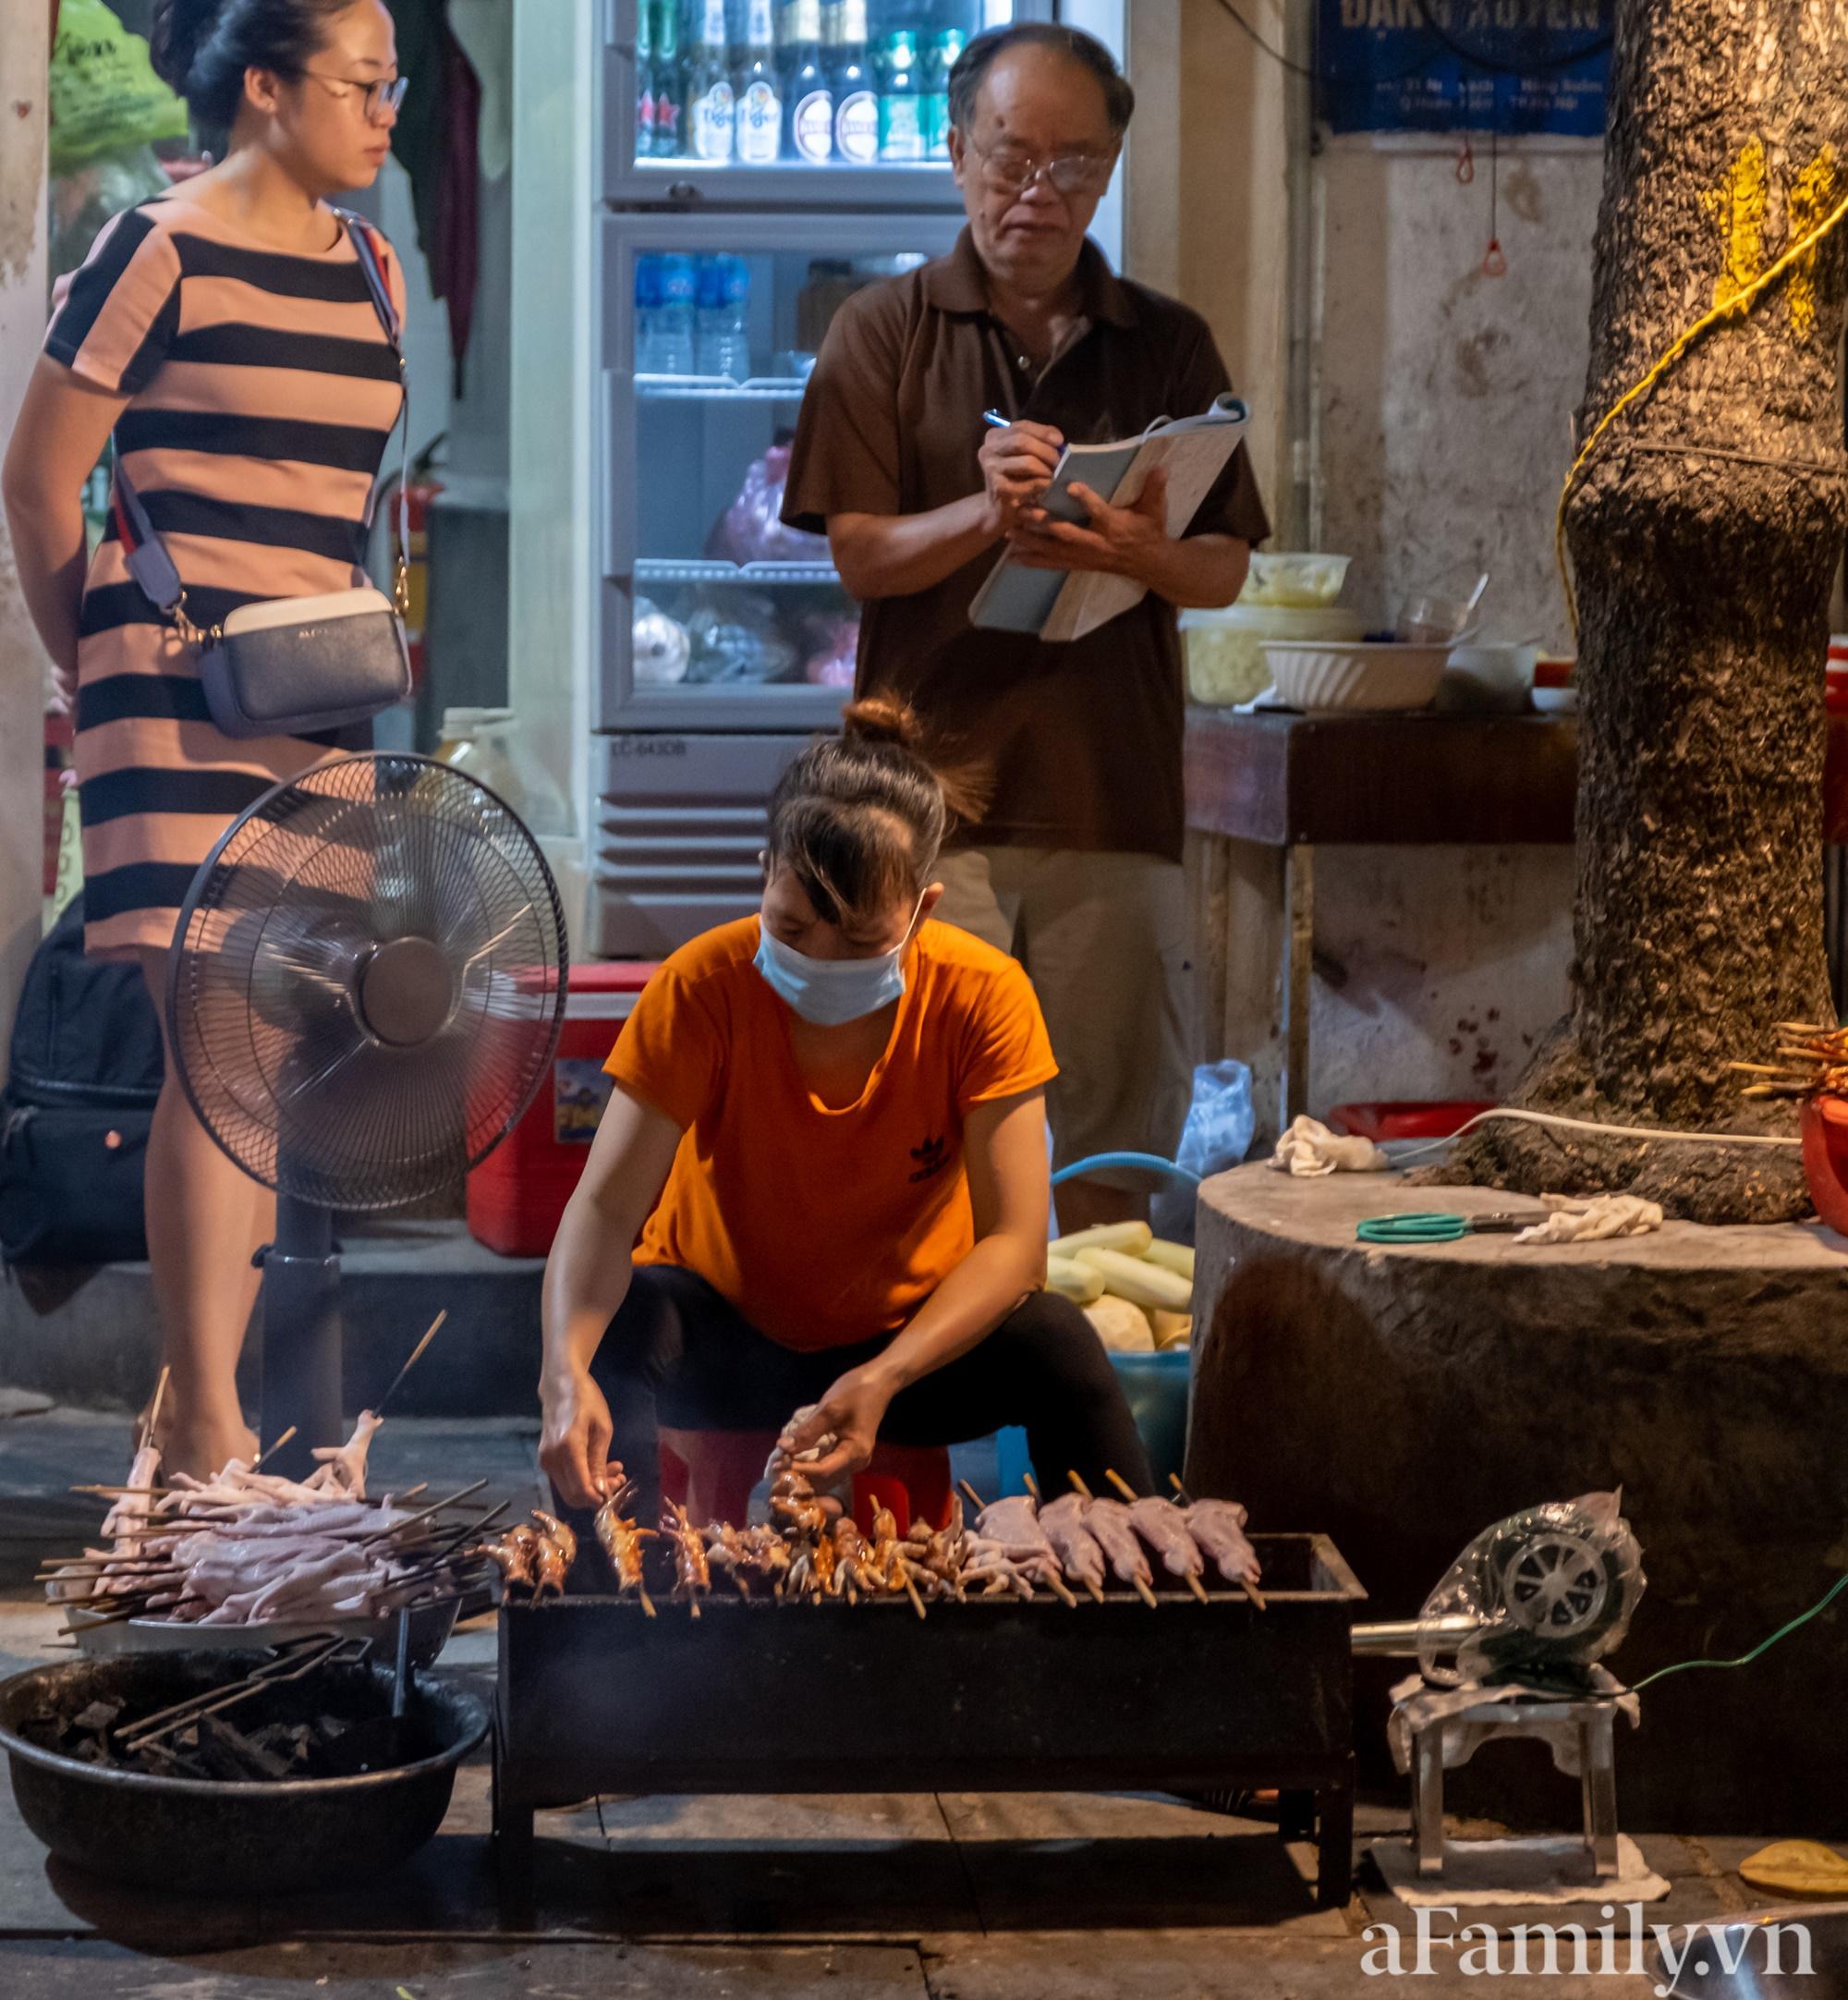 """Liều mình đến ăn thử quán chân gà nướng Ngõ Gạch mang tiếng """"vênh váo nhất Hà Nội, đợi dài cổ 30 phút mới ra đồ"""" và cái kết căng đét - Ảnh 5."""